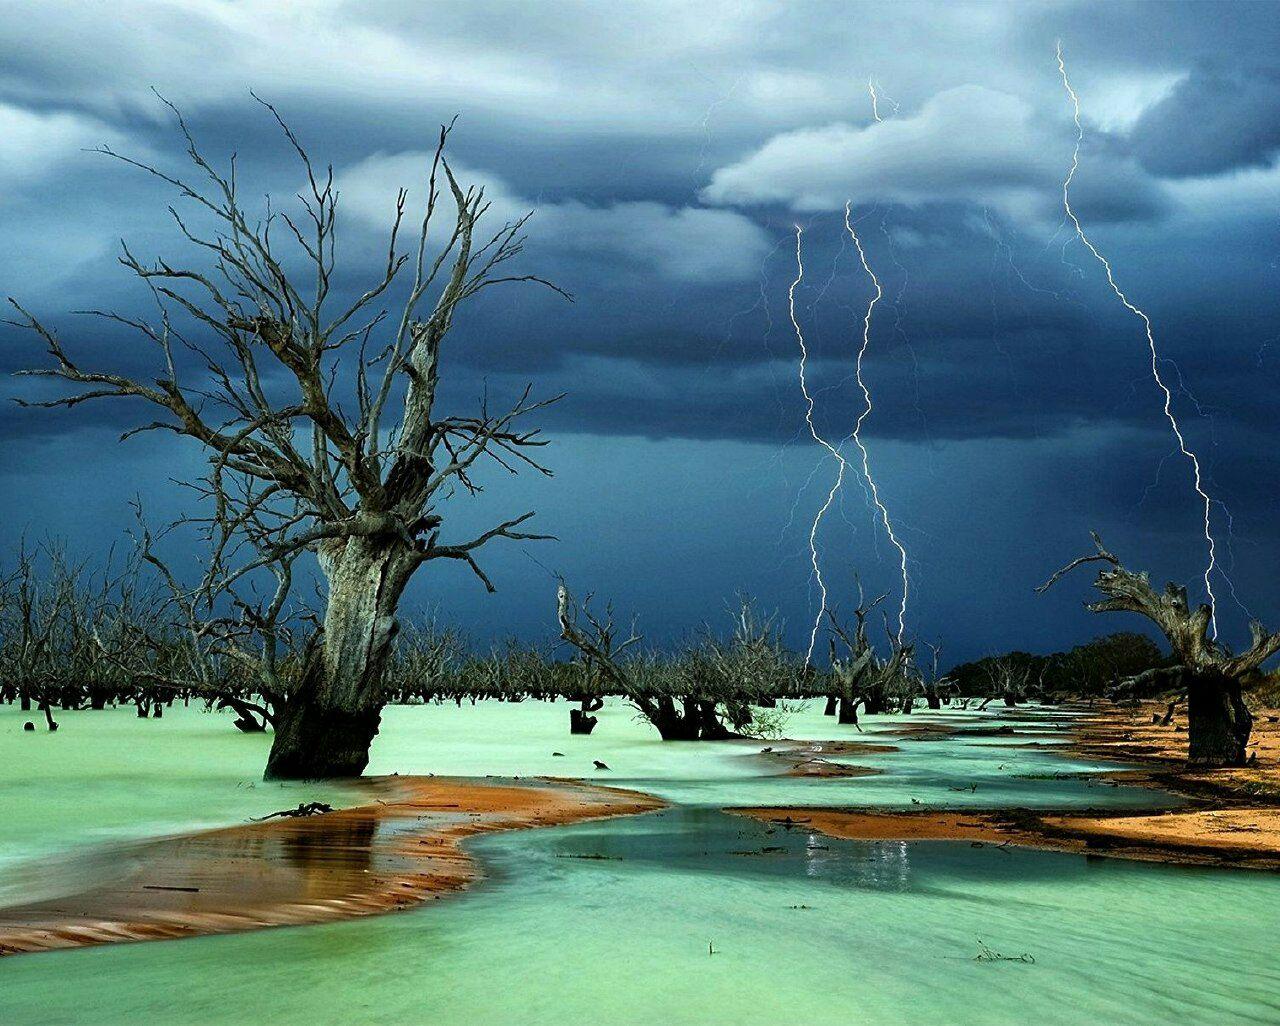 Джули Флетчер Фотография озера Менинди (Австралия)